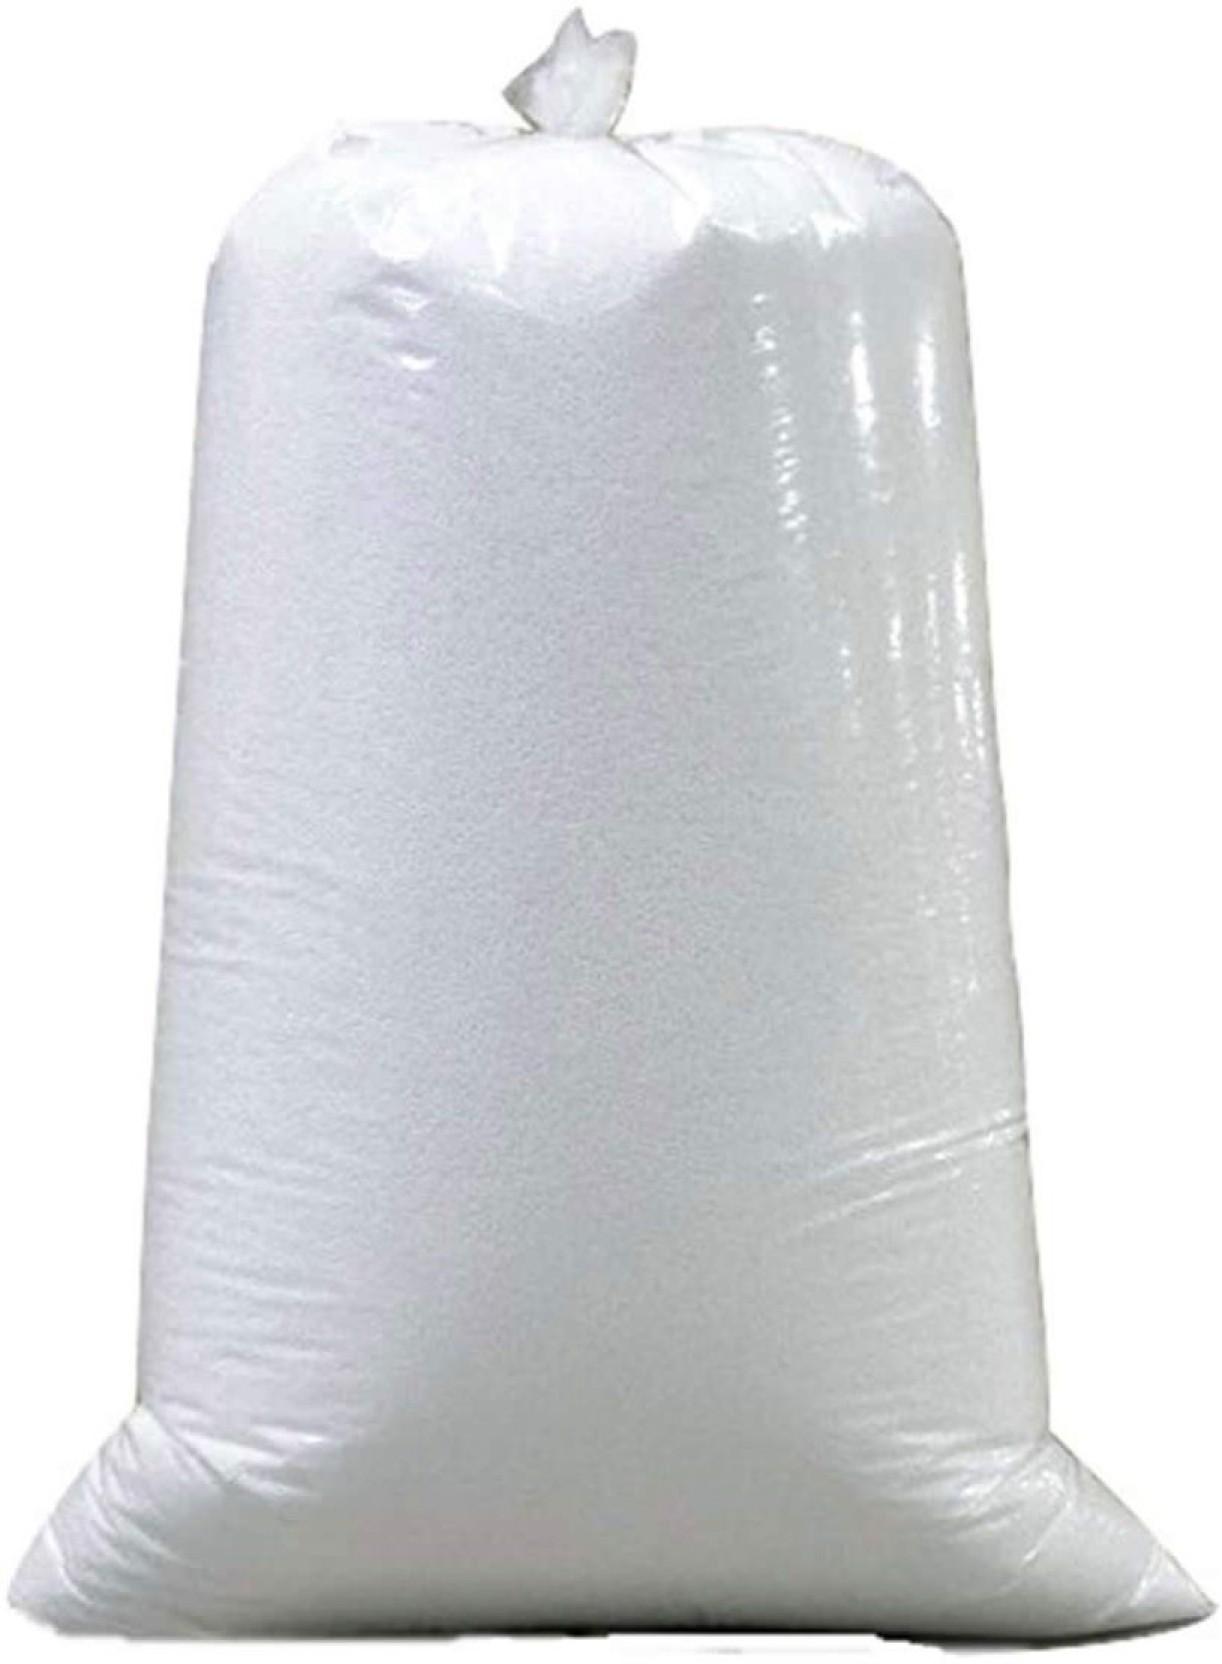 Home Story Refill Bean Bag Bean Bag Filler Price In India